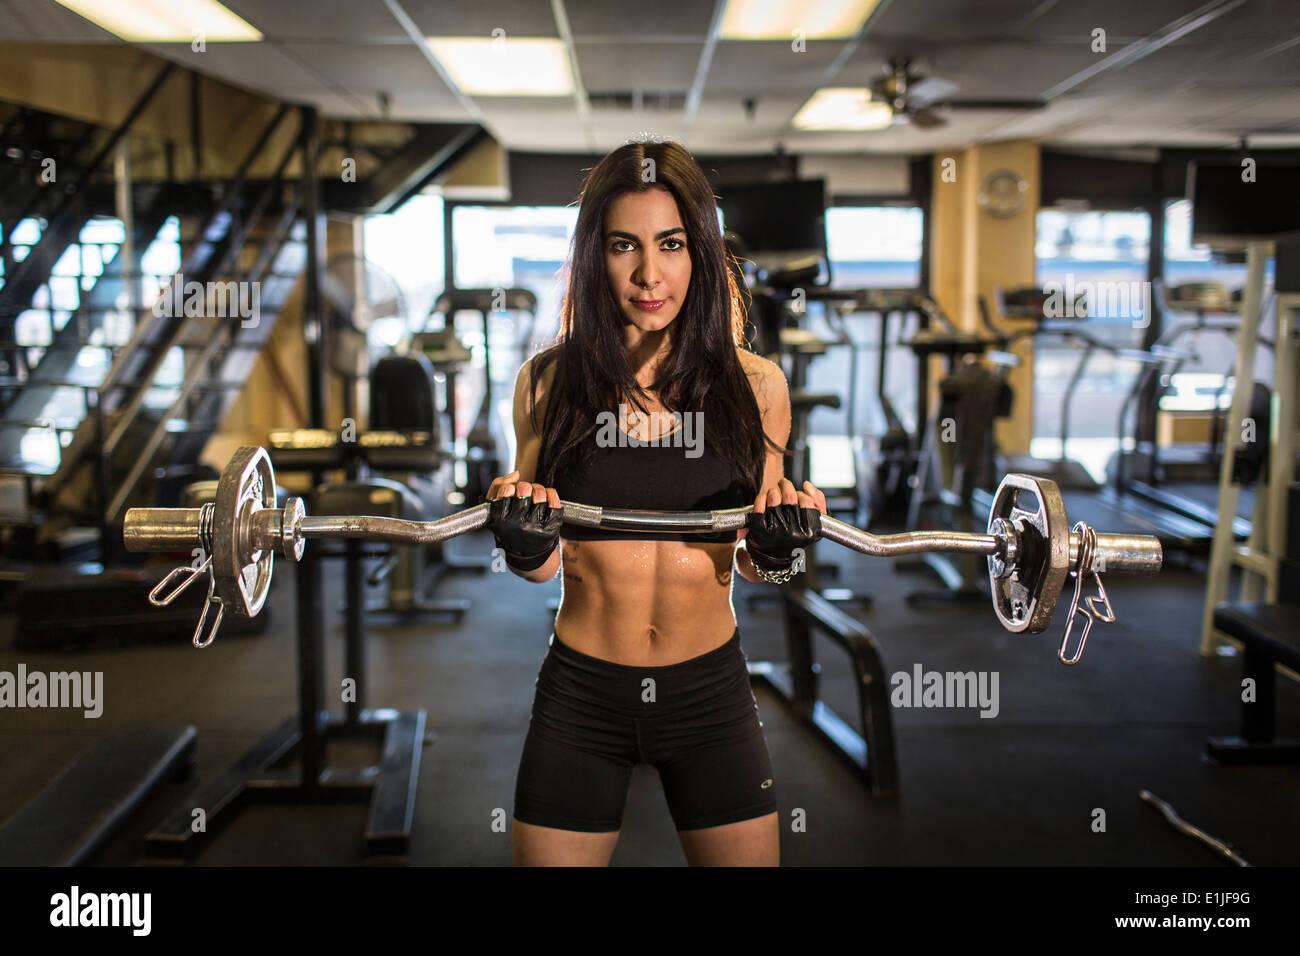 Ritratto di metà donna adulta il sollevamento pesi in palestra Foto Stock